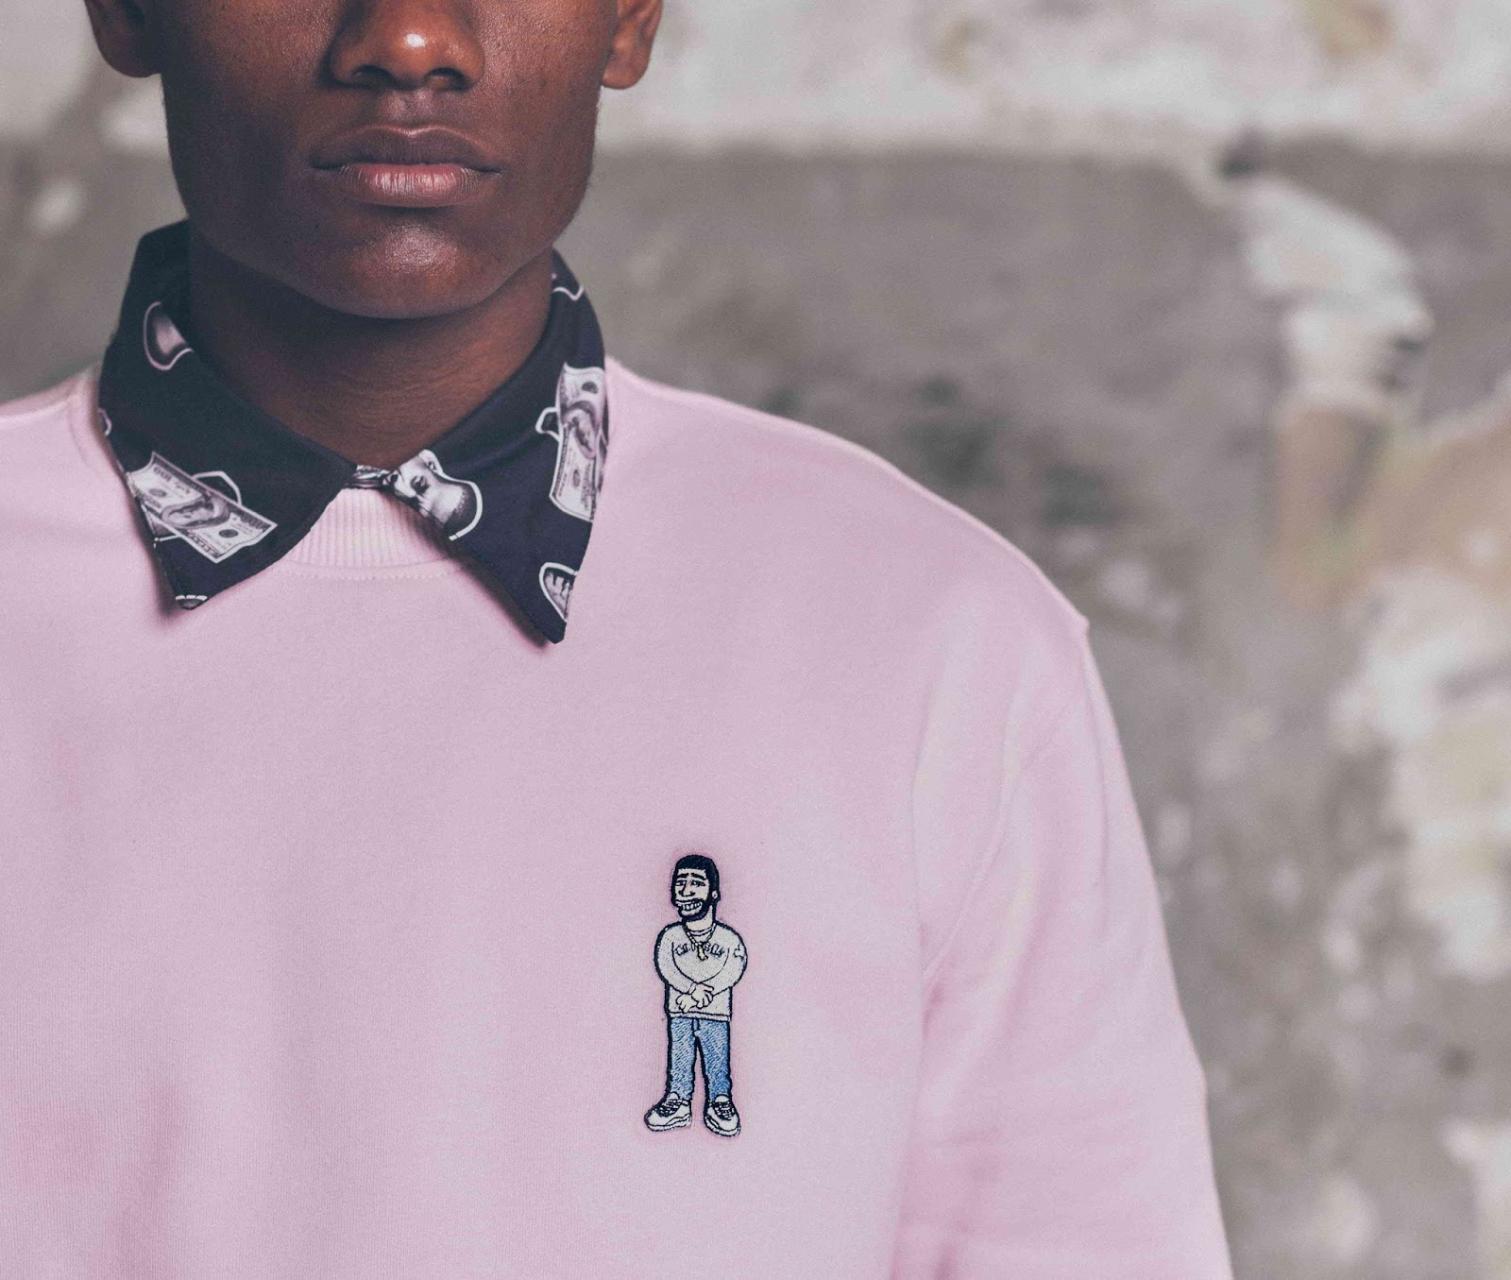 nephew zhi streetwear brasil 02 - Nephew colabora com famoso ilustrador Zhi